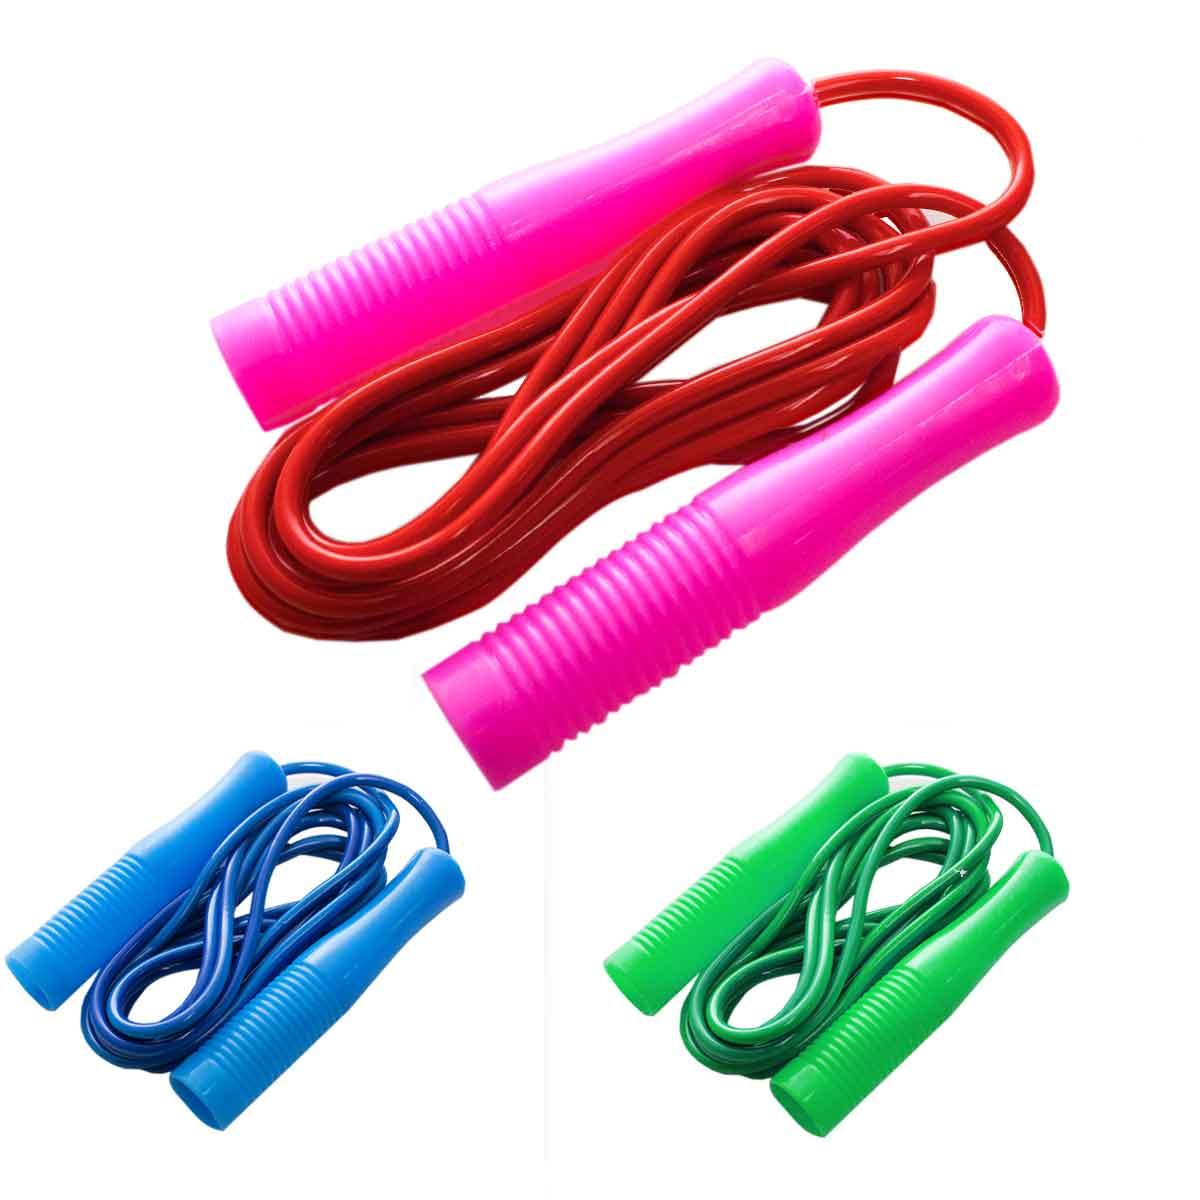 Corda De Pular Exercício Funcional Crossfit Academia